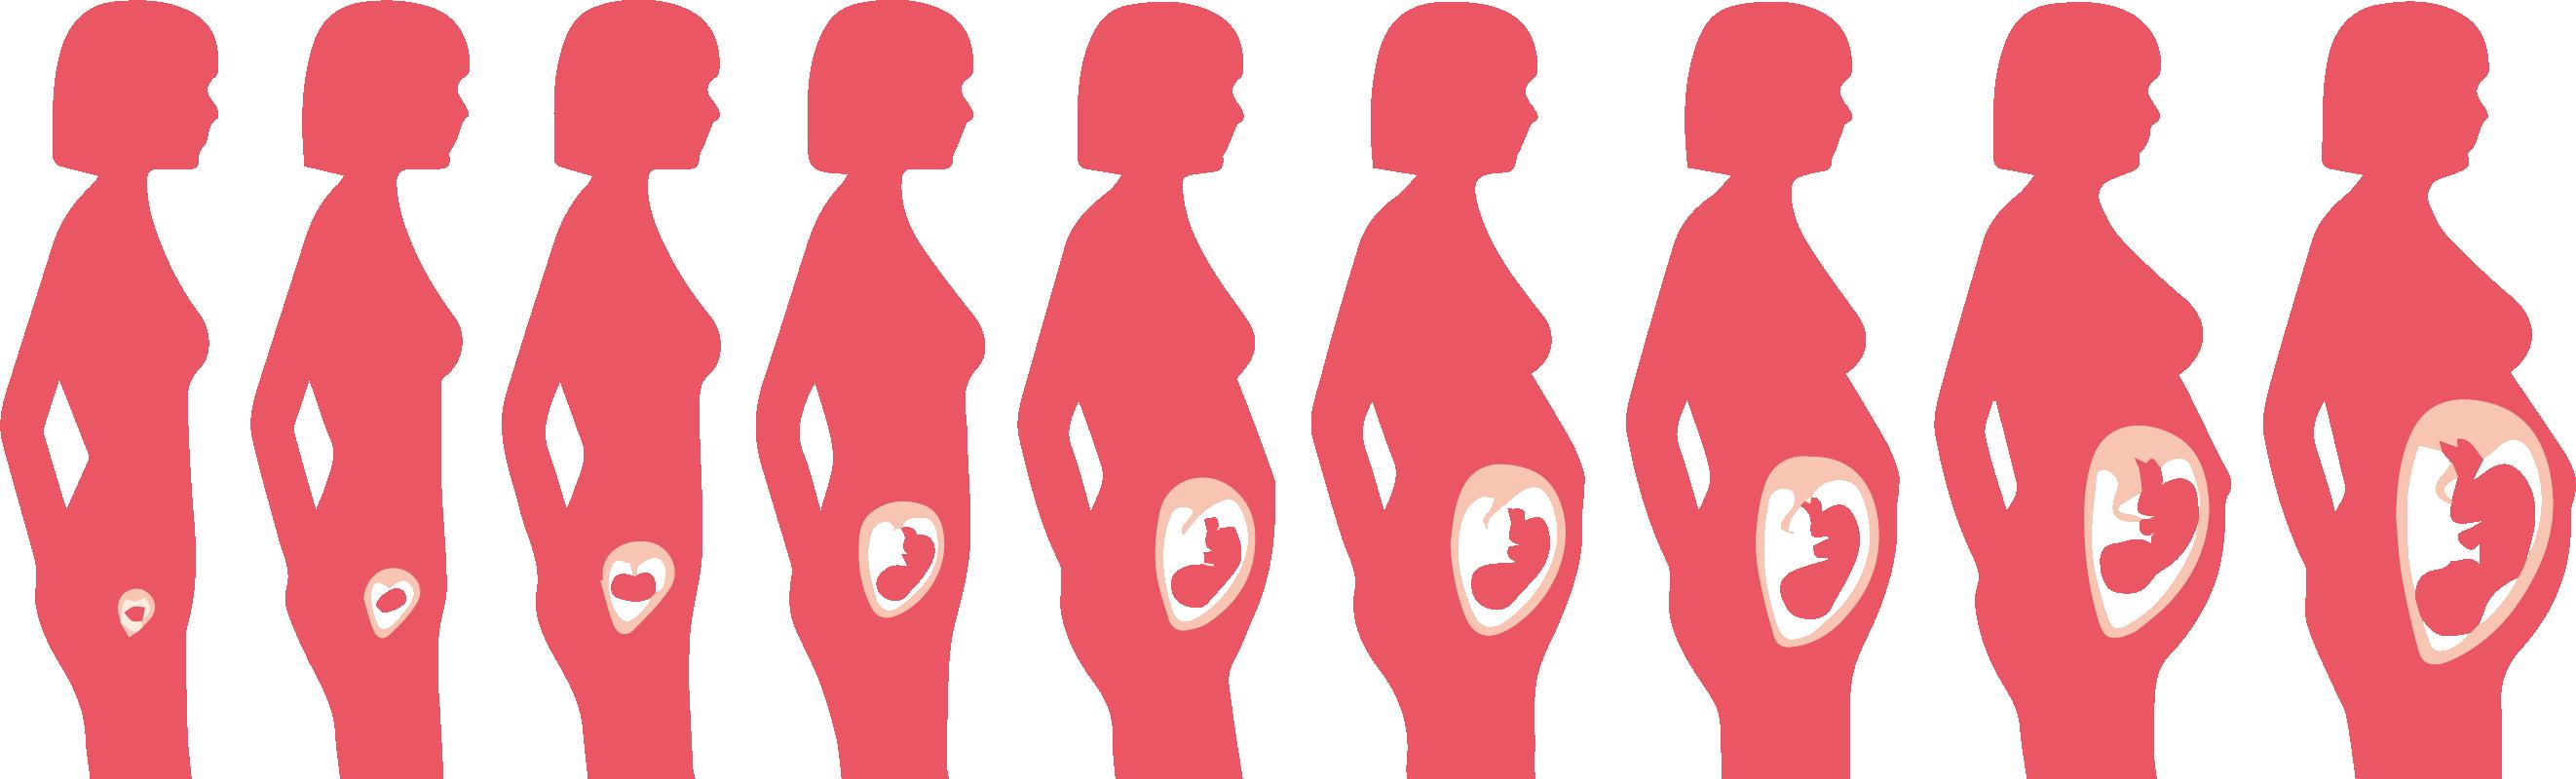 que es solfa syllable toxemia of pregnancy linear unit español